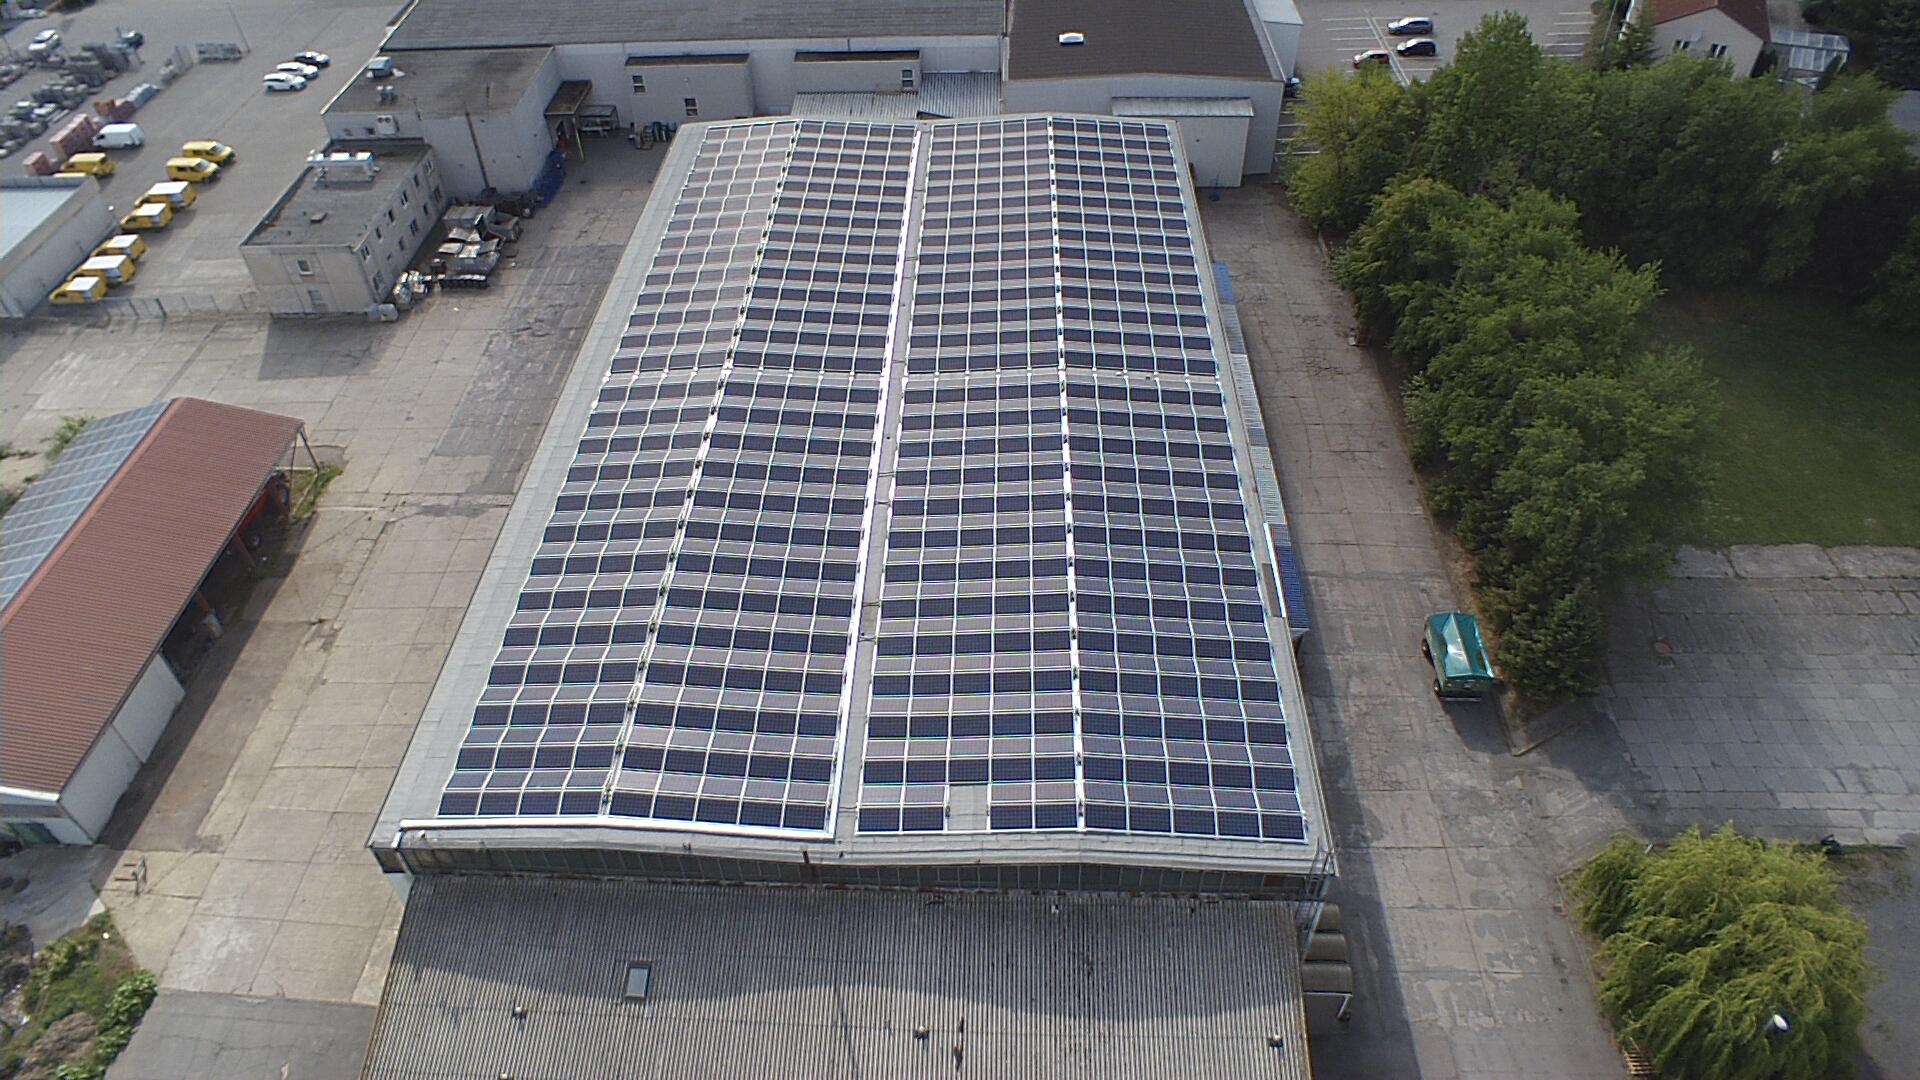 Wanzleben Wird Grün: Sun Contracting Stellt 281 KWp Photovoltaik Contracting Fertig